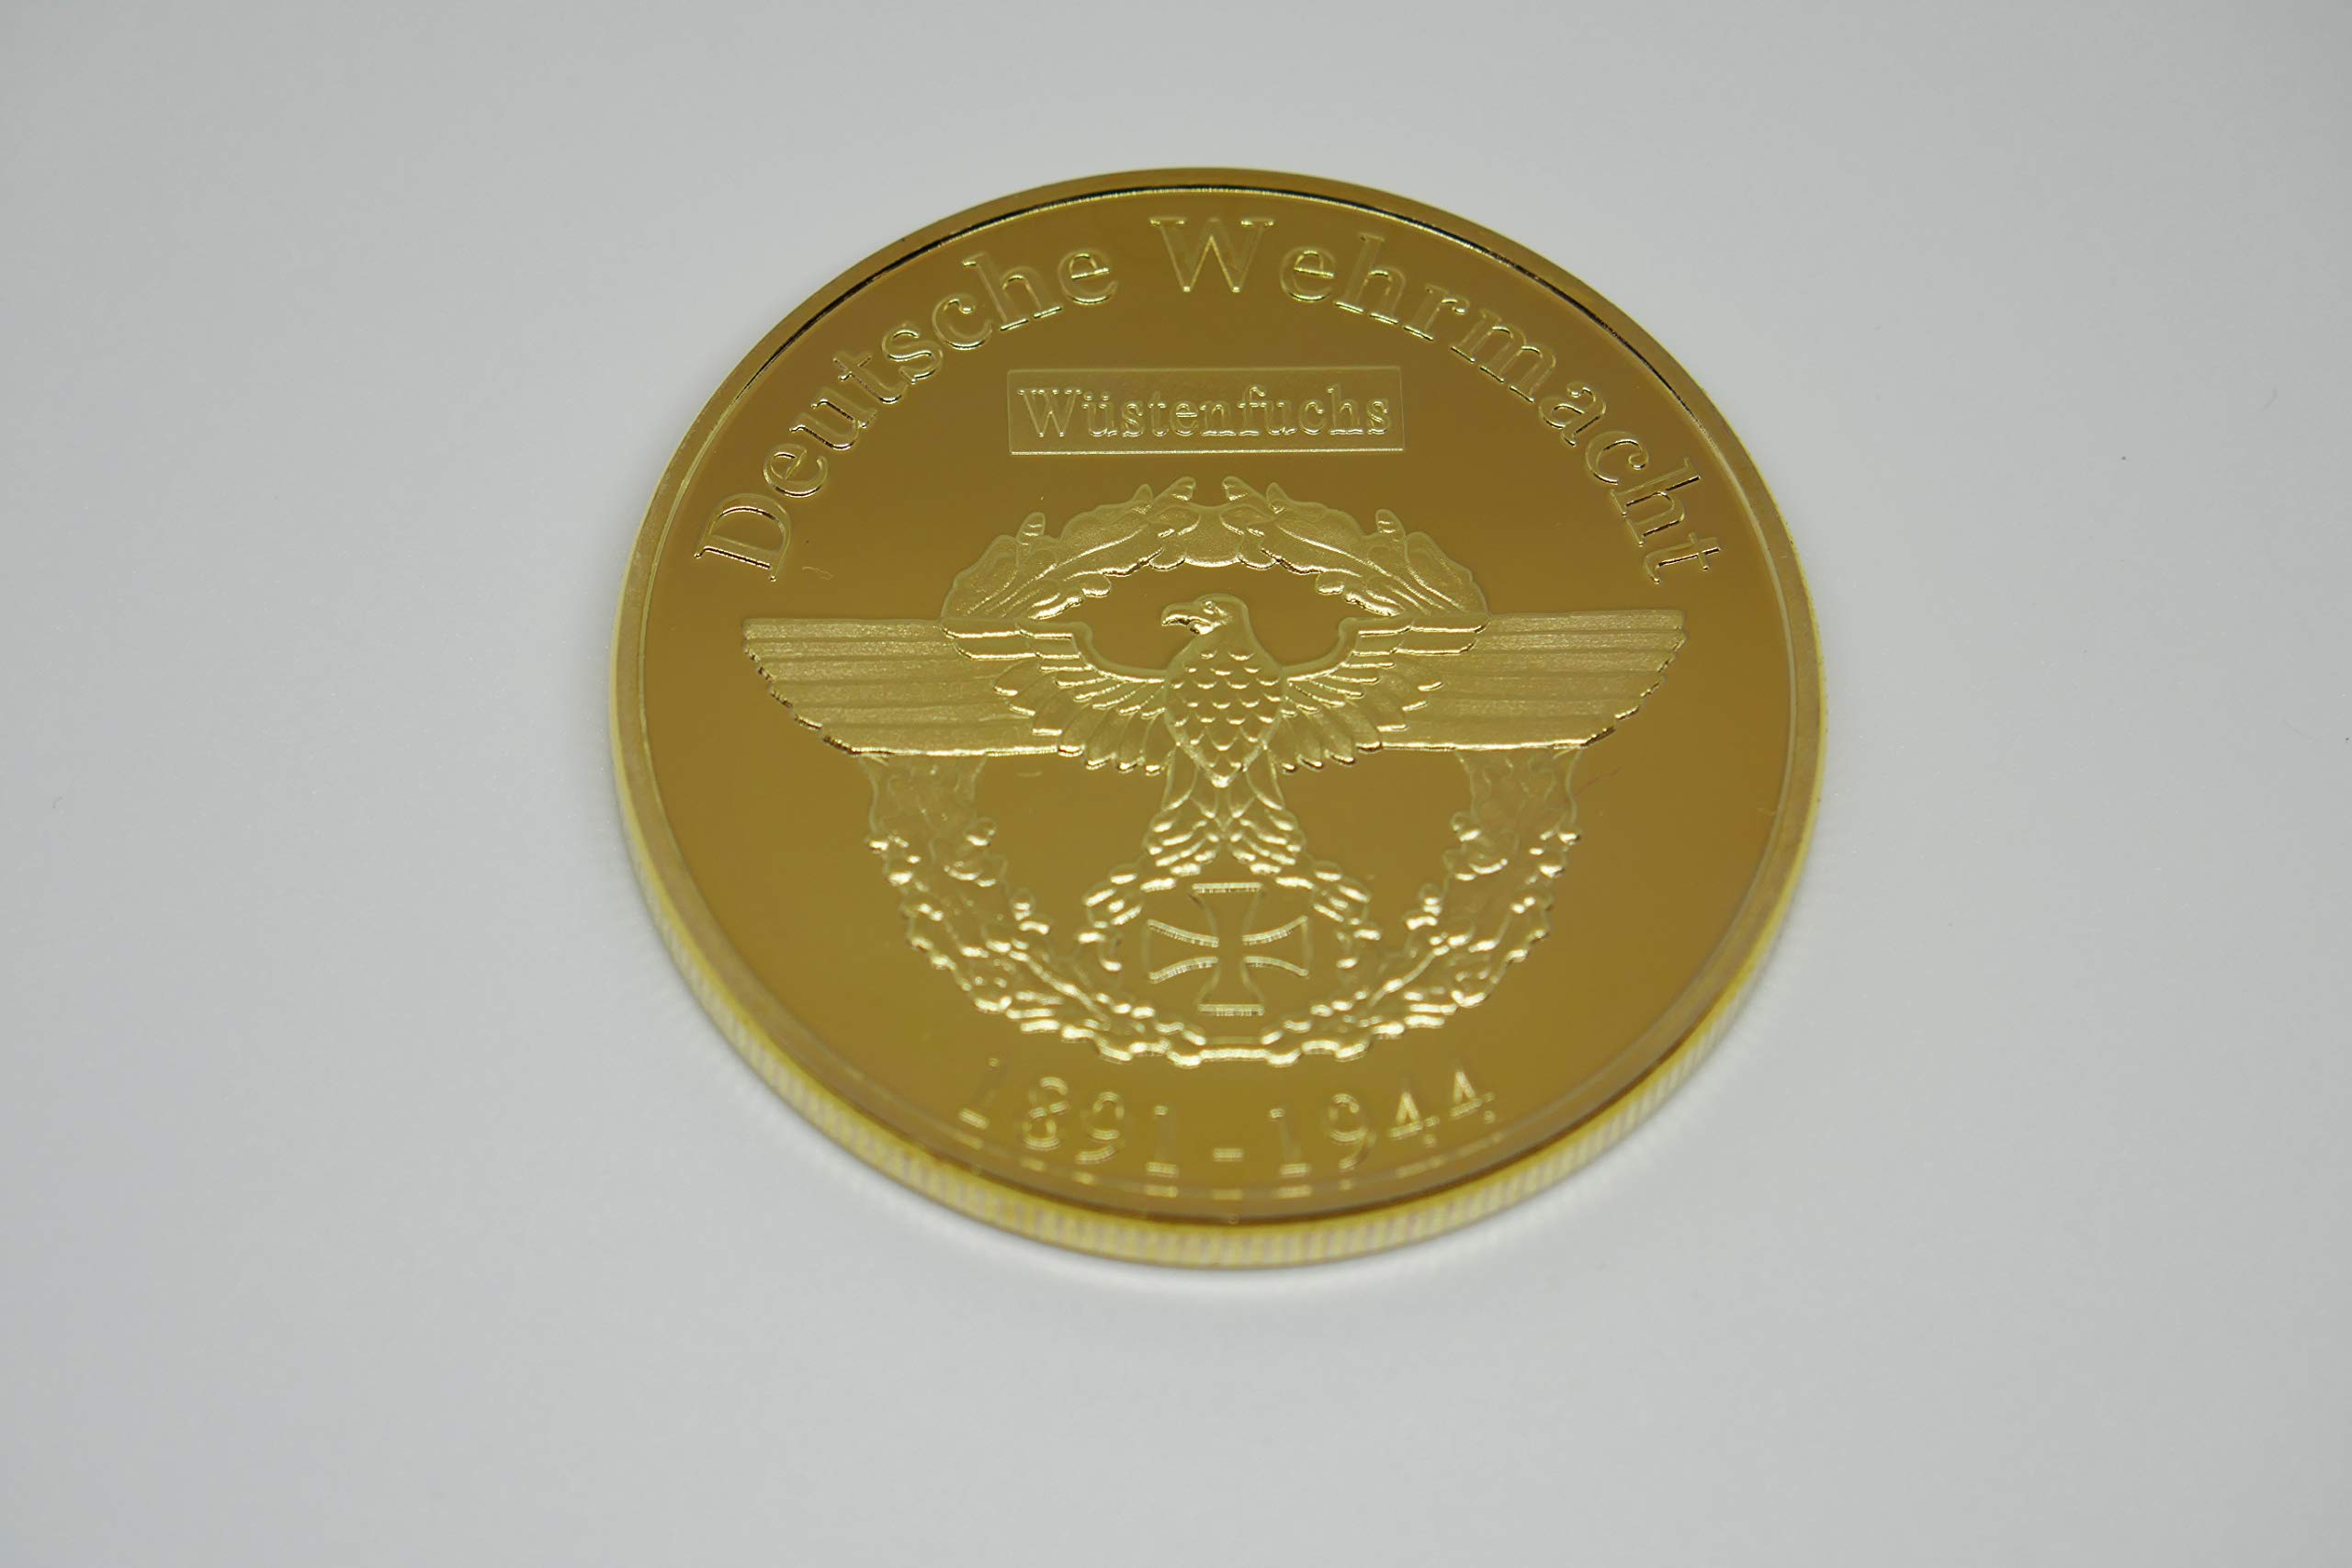 Donatio Commander Erwin Rommel Afrika Korps - Moneda Conmemorativa de Guerra chapada en Oro: Amazon.es: Hogar